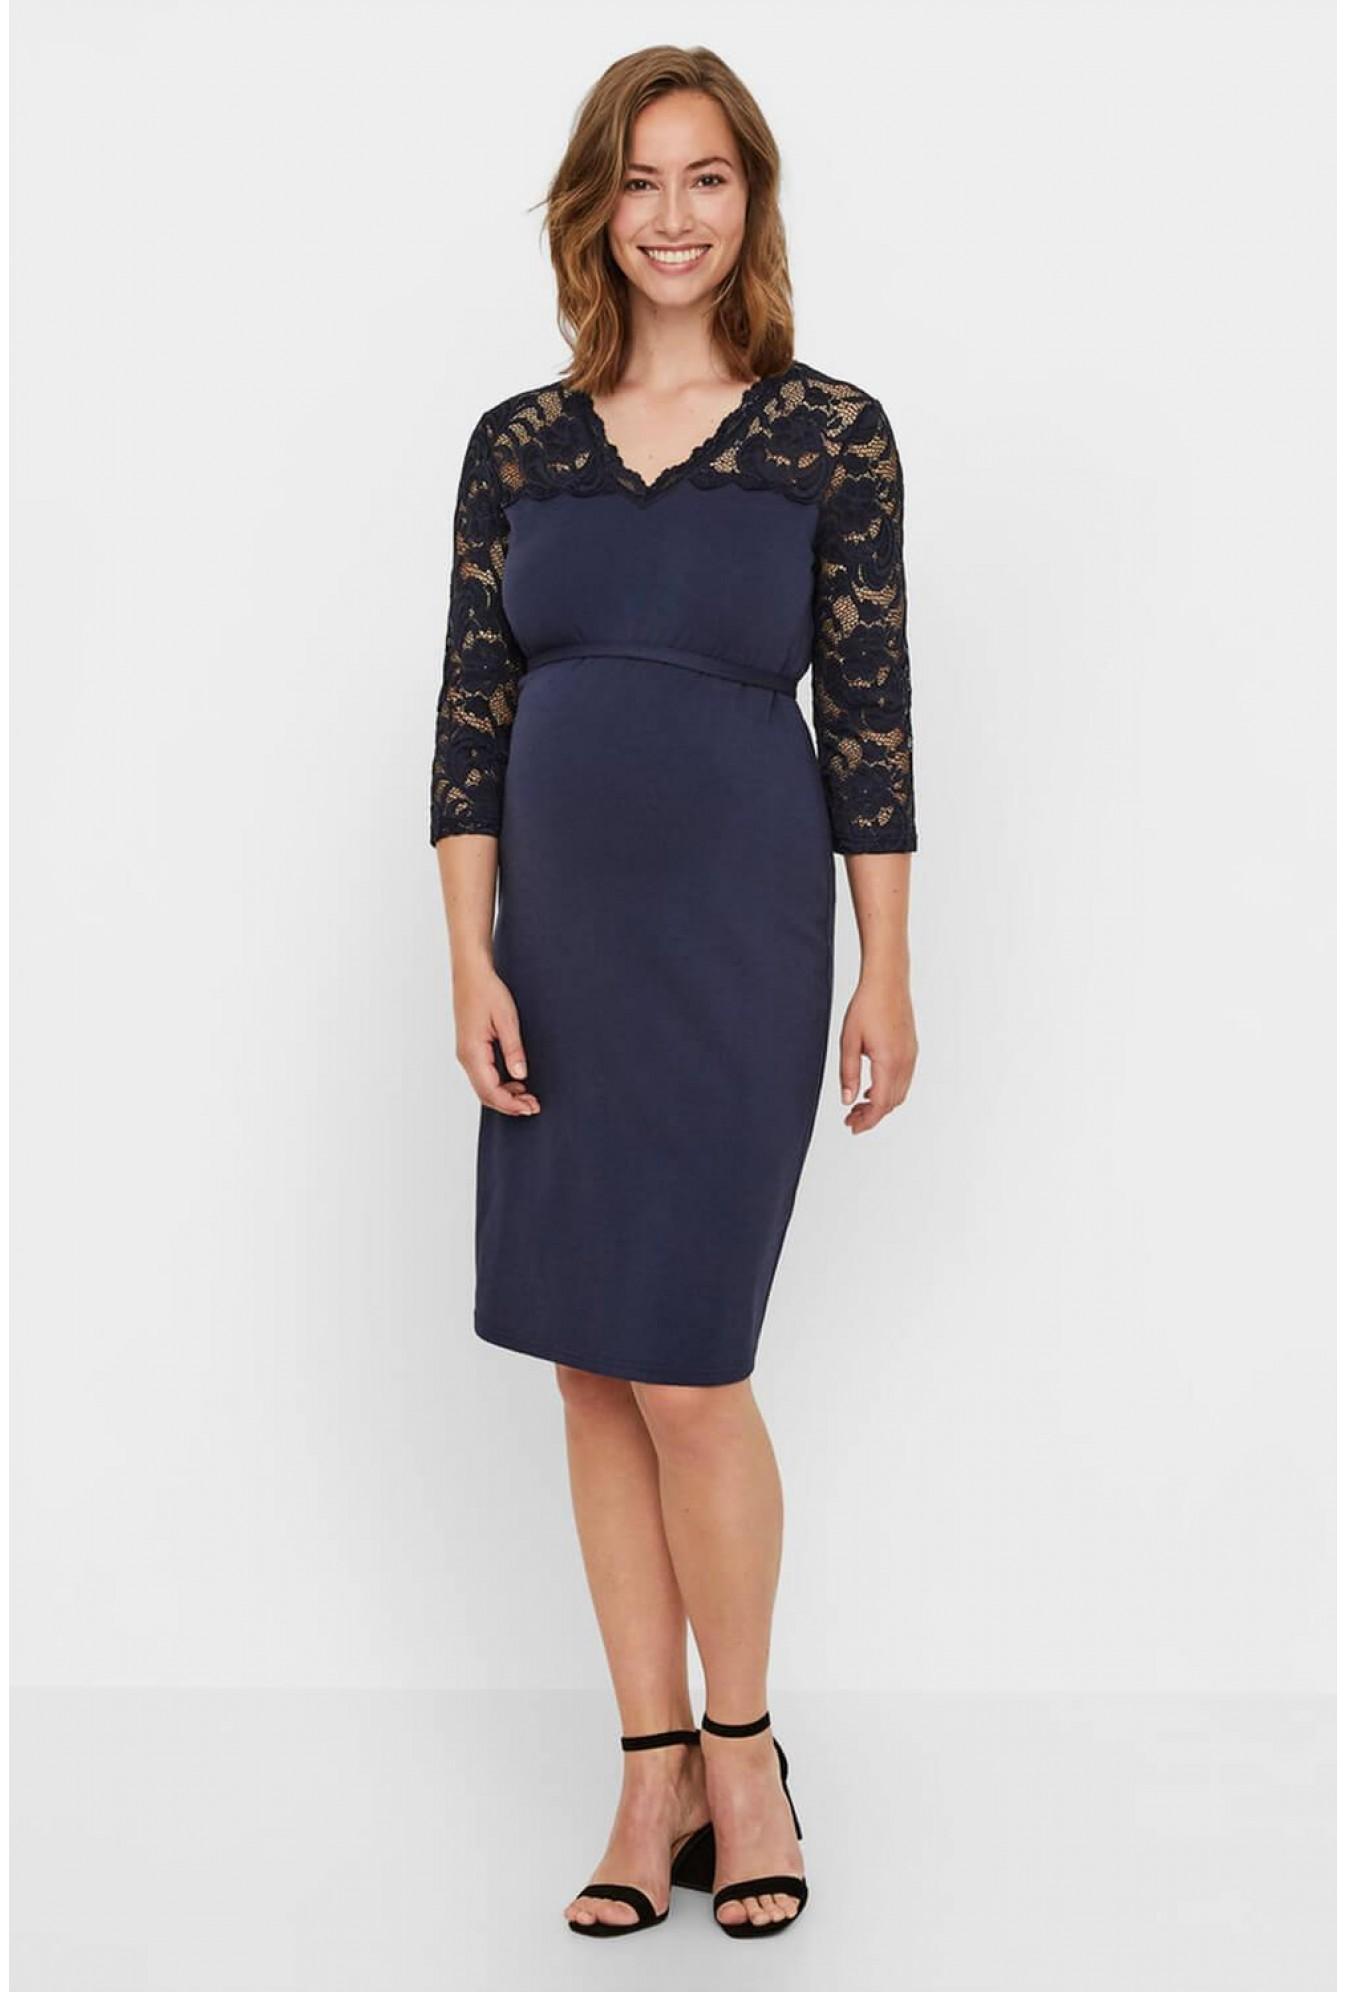 ded3aec92ea Mamalicious Blackie Mivana Maternity Dress in Navy